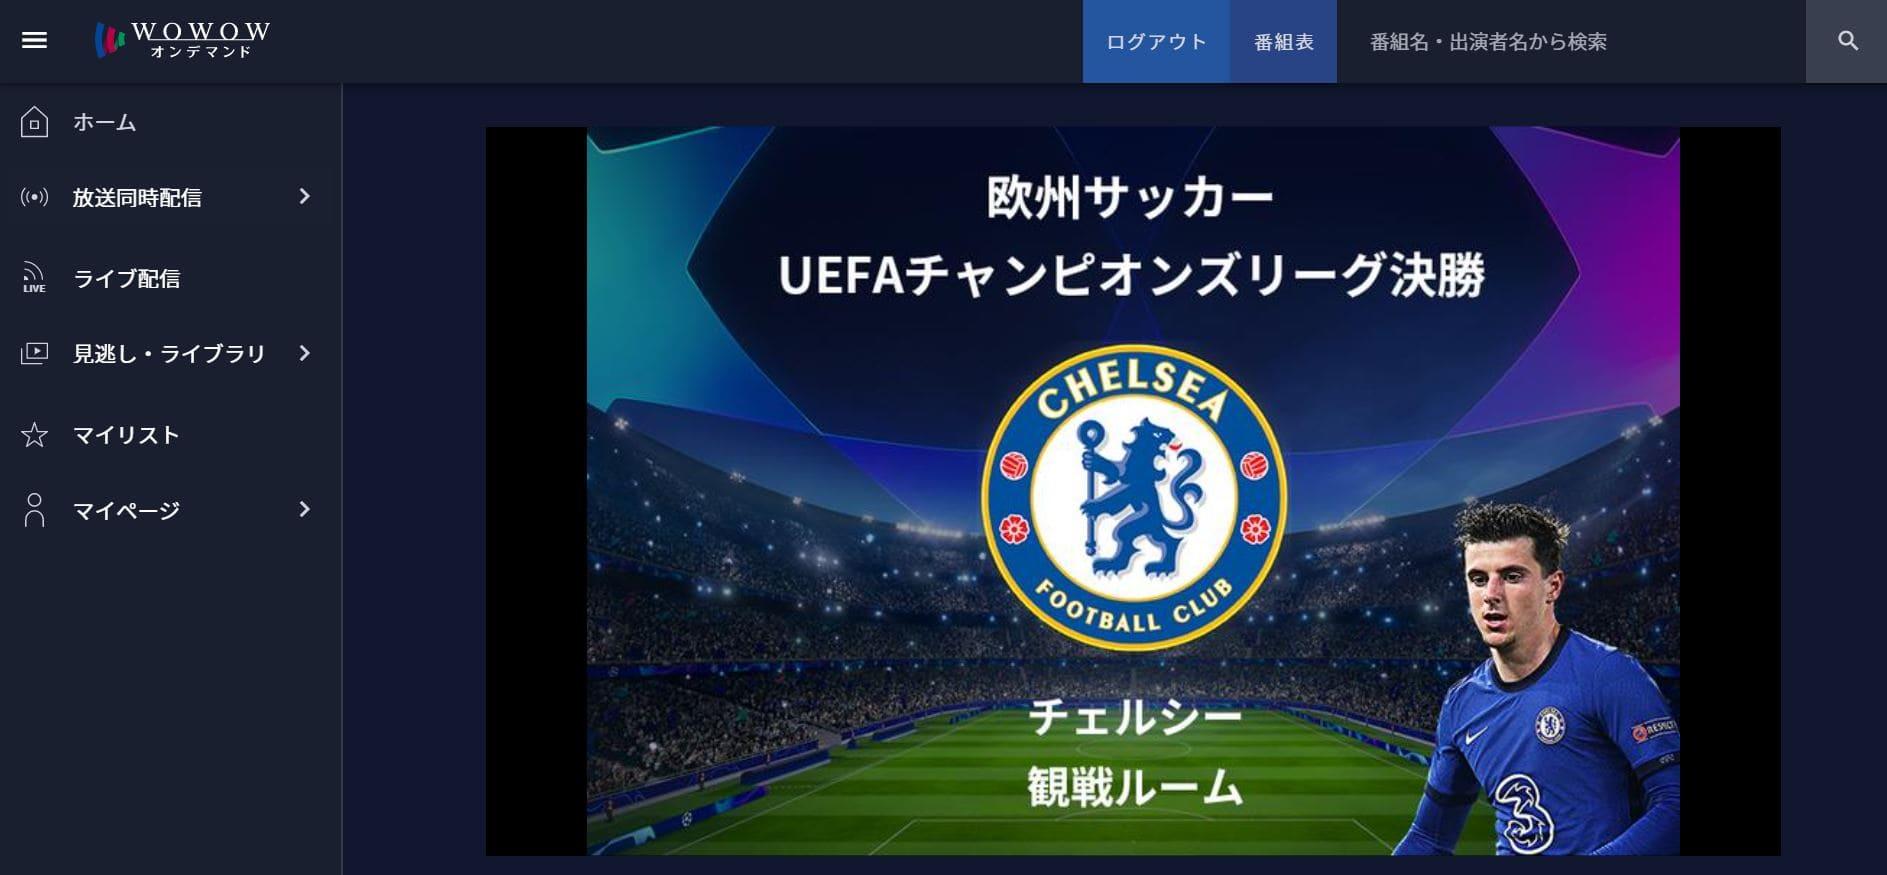 UEFAチャンピオンズリーグ決勝2020-21ファイナリスト特化ライブ配信_チェルシー観戦ルーム